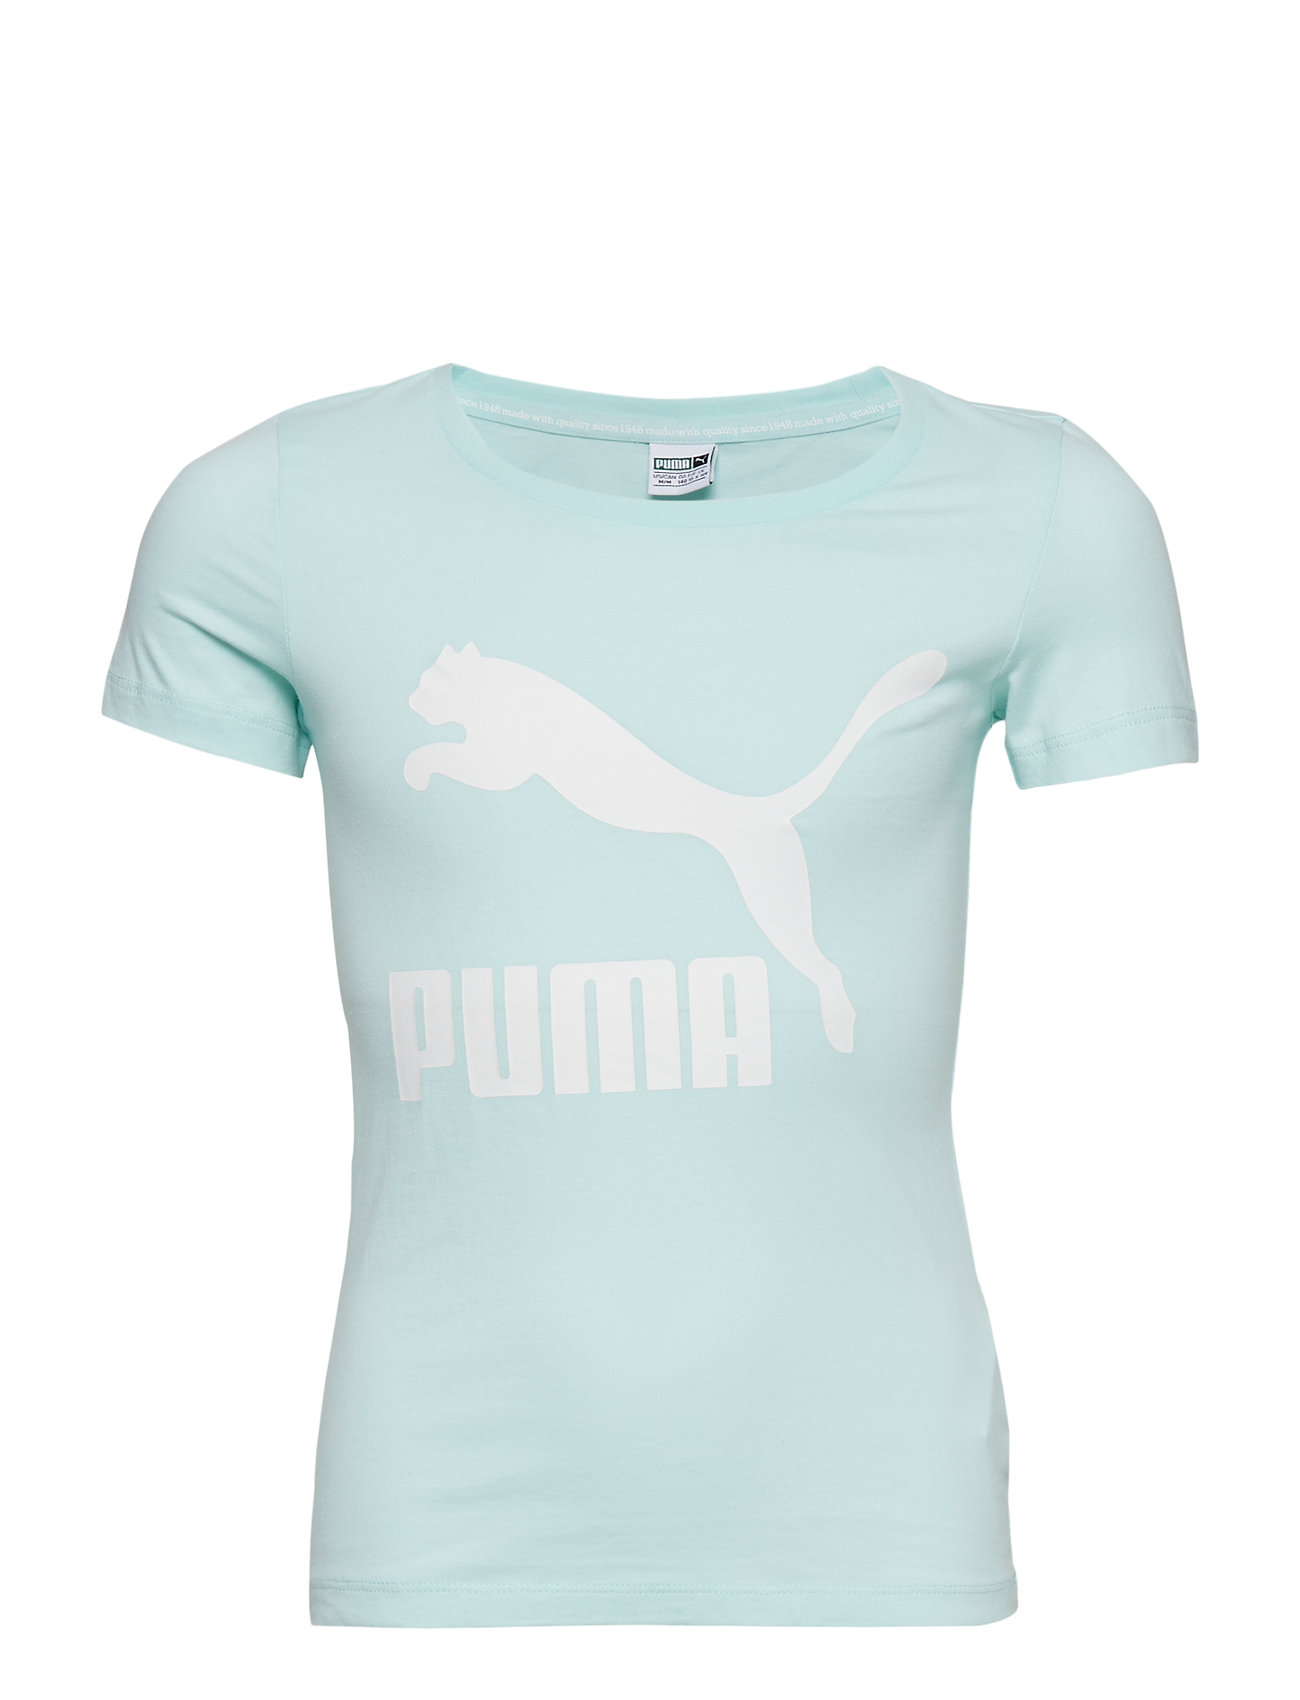 PUMA Classics Logo Tee G - FAIR AQUA